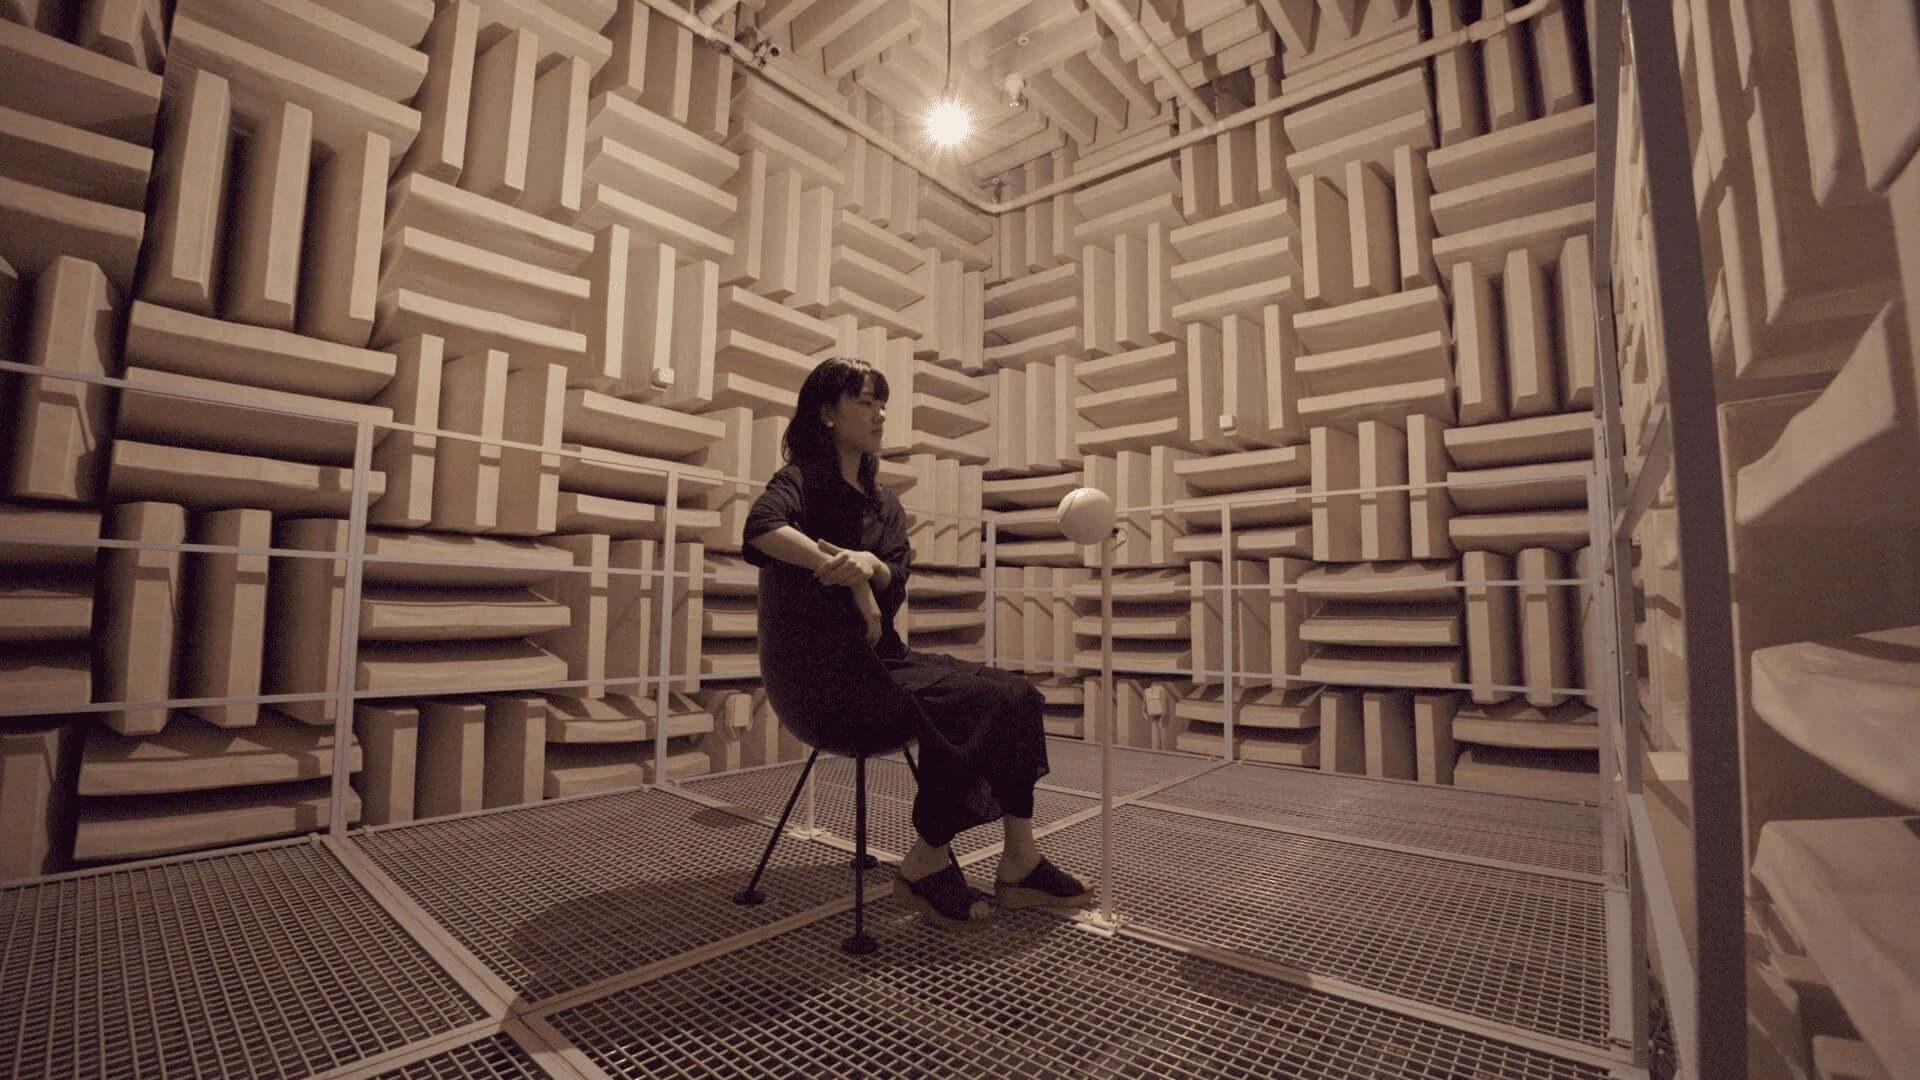 <文化庁メディア芸術祭>にも選出されたボイスアーティスト・細井美裕のサラウンド音響作品『Lenna』が札幌市民交流プラザに登場! art200918_miyuhosoi_2-1920x1080